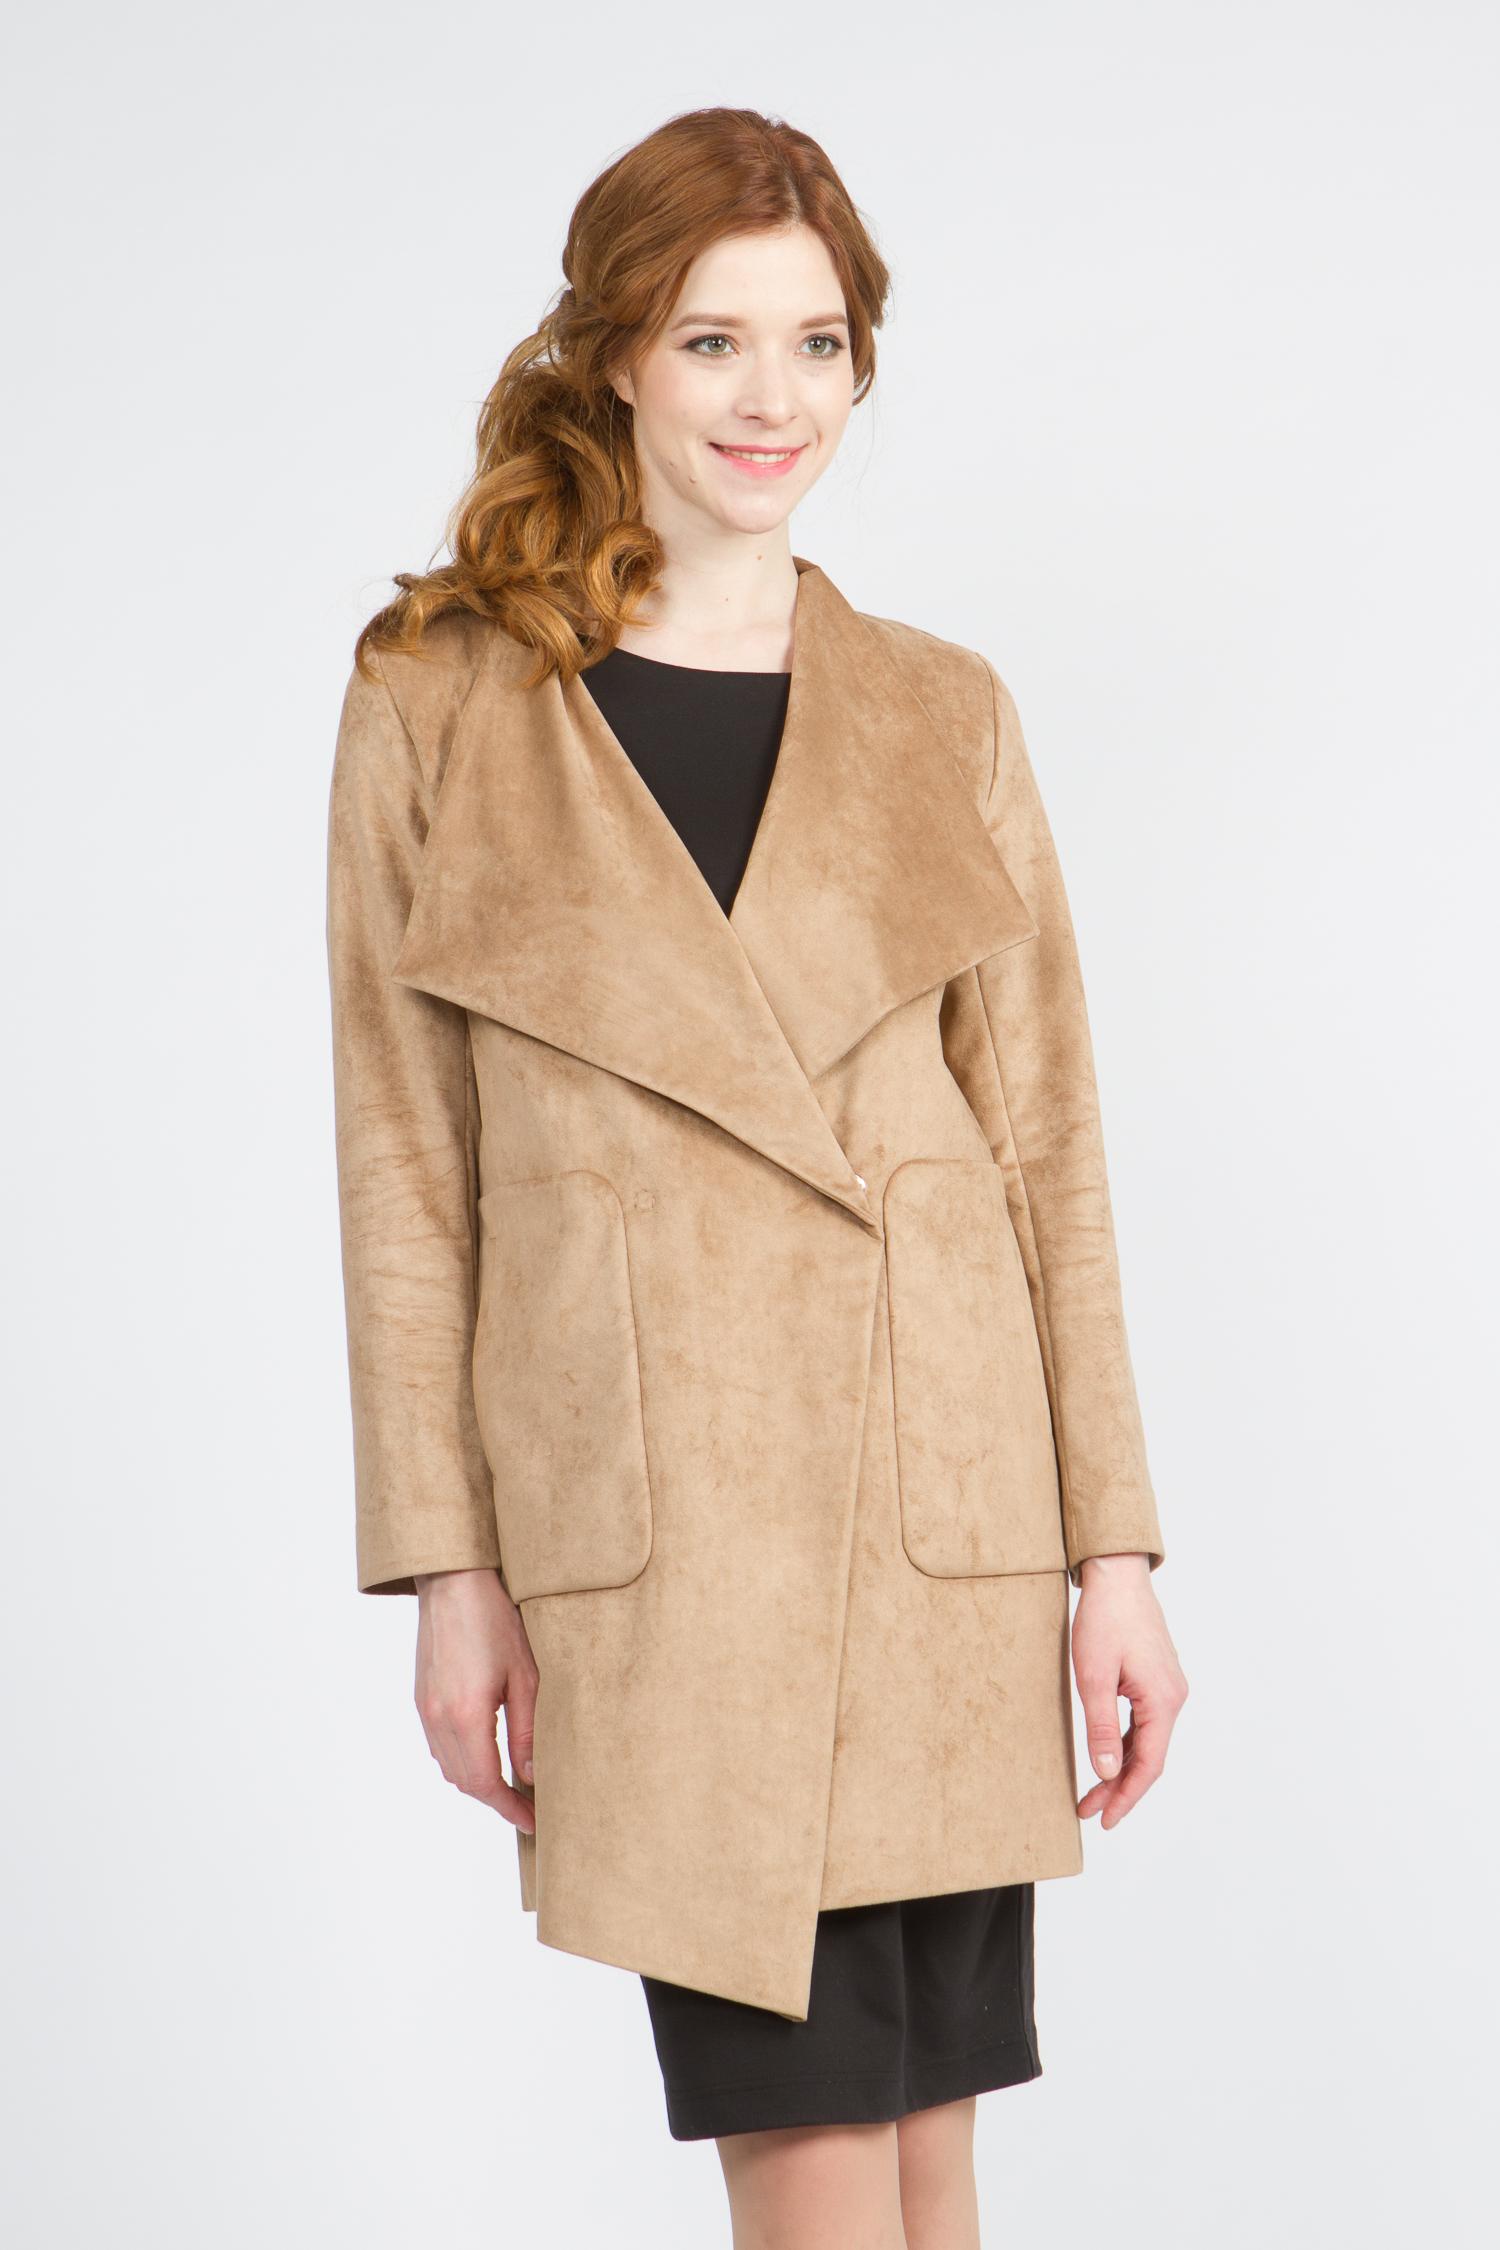 Облегченное женское пальто из текстиля с воротником, без отделки. Производитель: Московская Меховая Компания, артикул: 9072